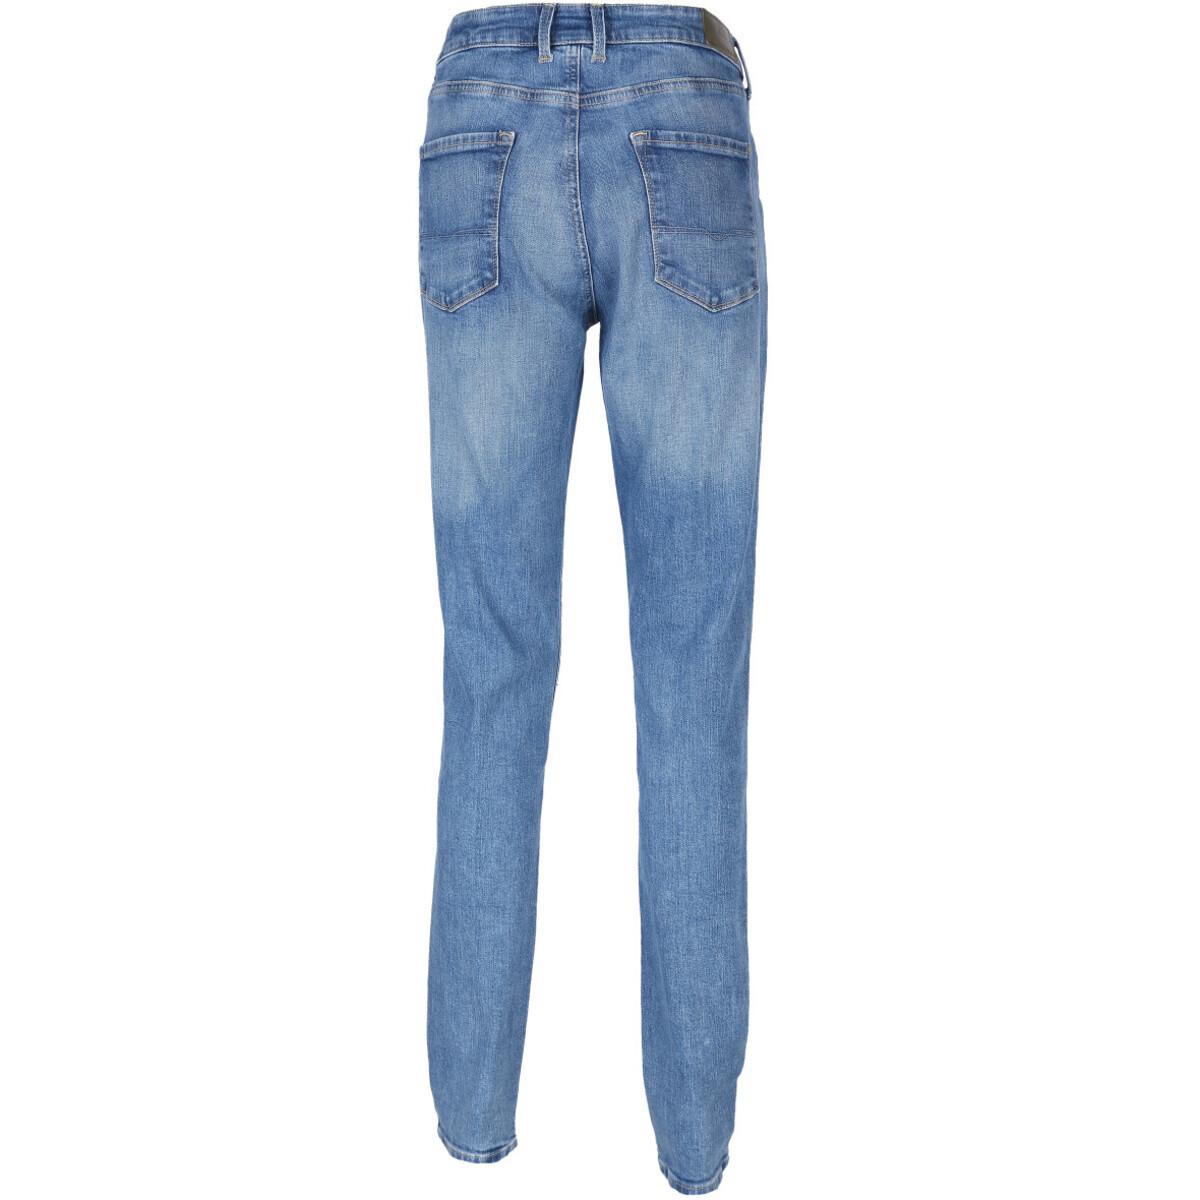 Bild 2 von Damen Pepe Jeans REGENT high waist skinny